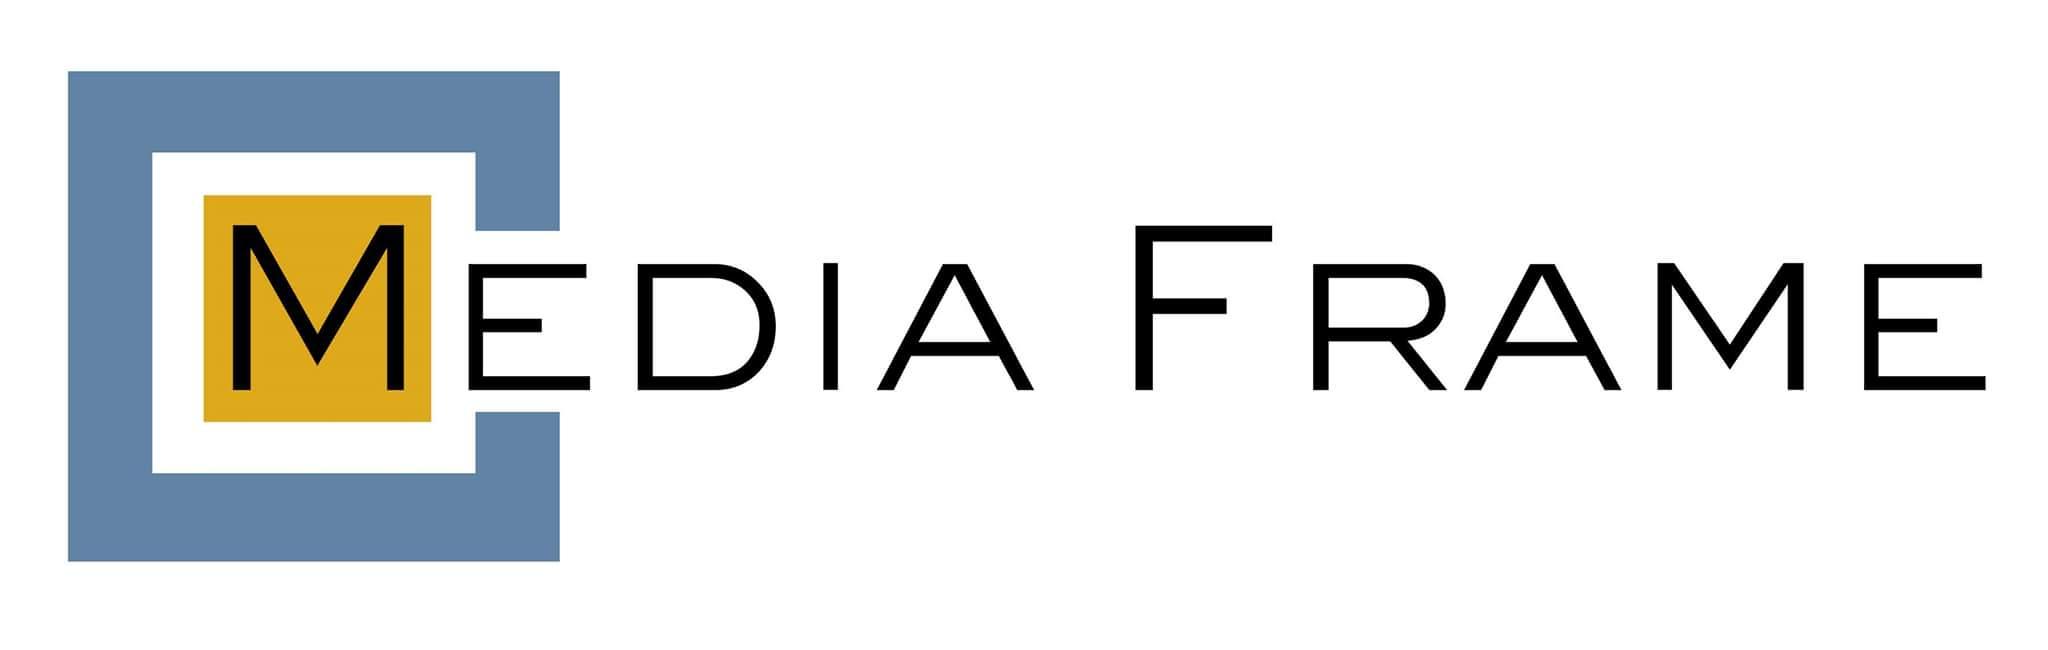 media frame